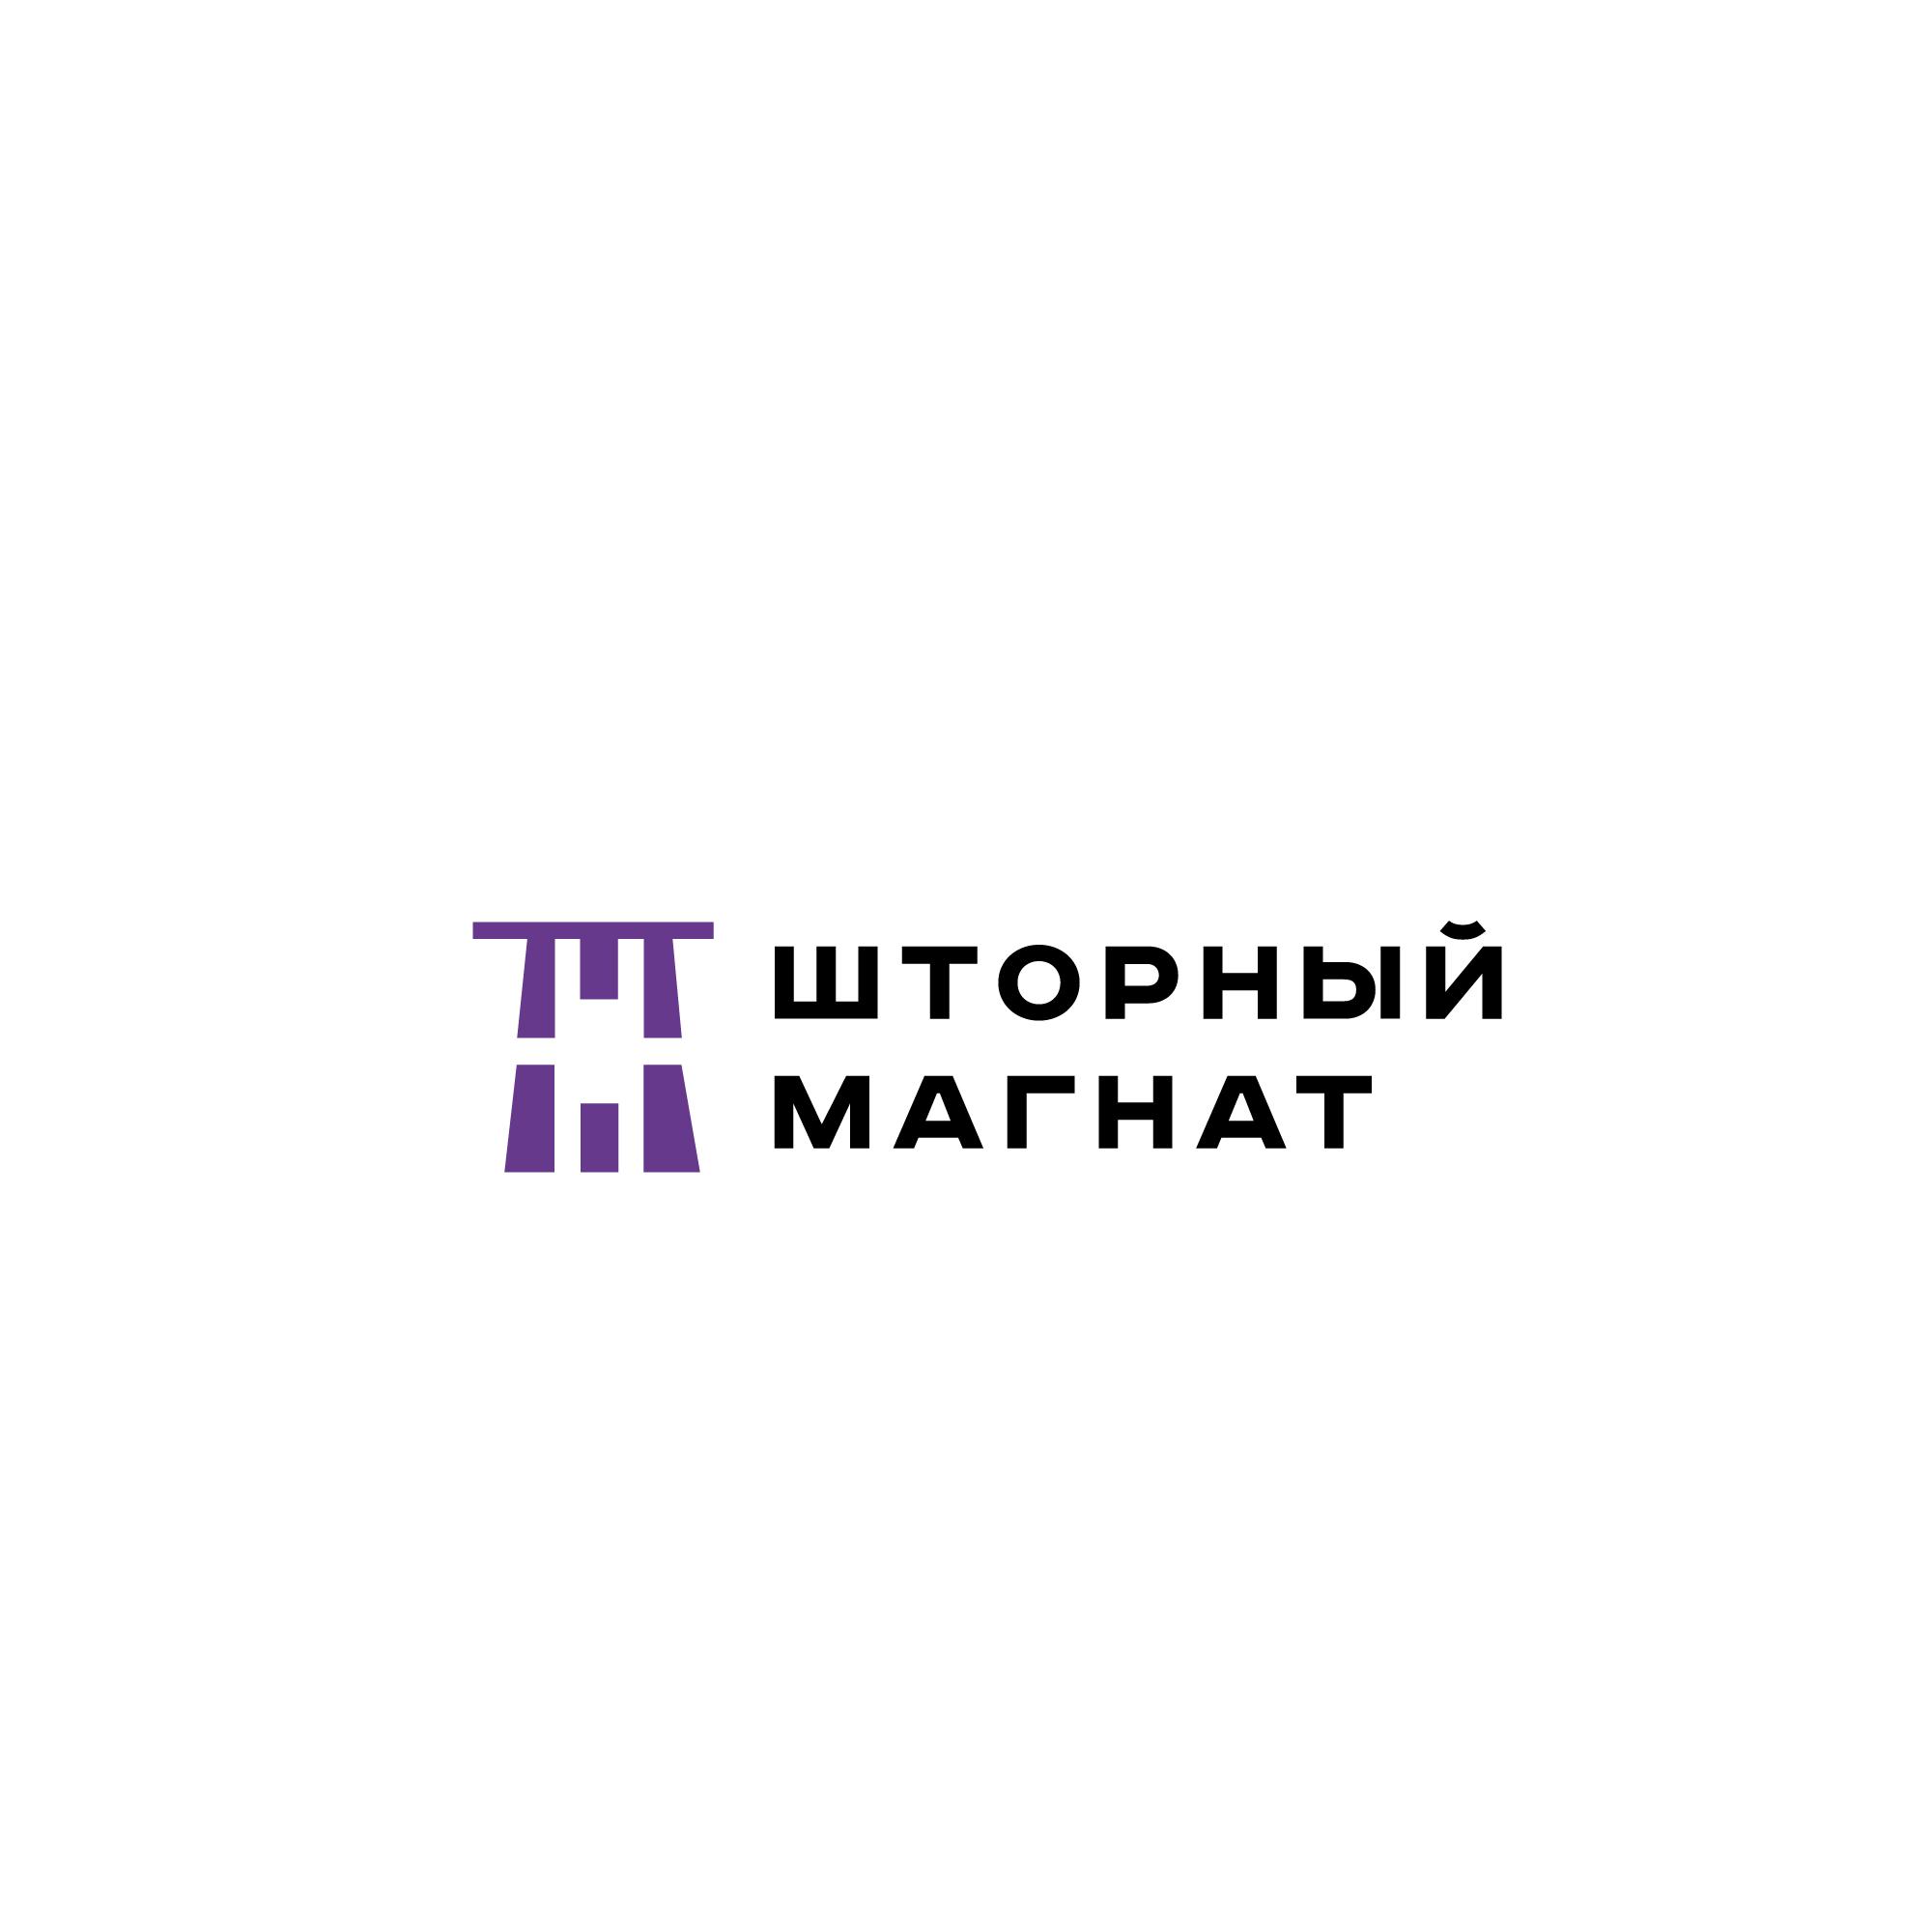 Логотип и фирменный стиль для магазина тканей. фото f_0765cdafef15df64.jpg